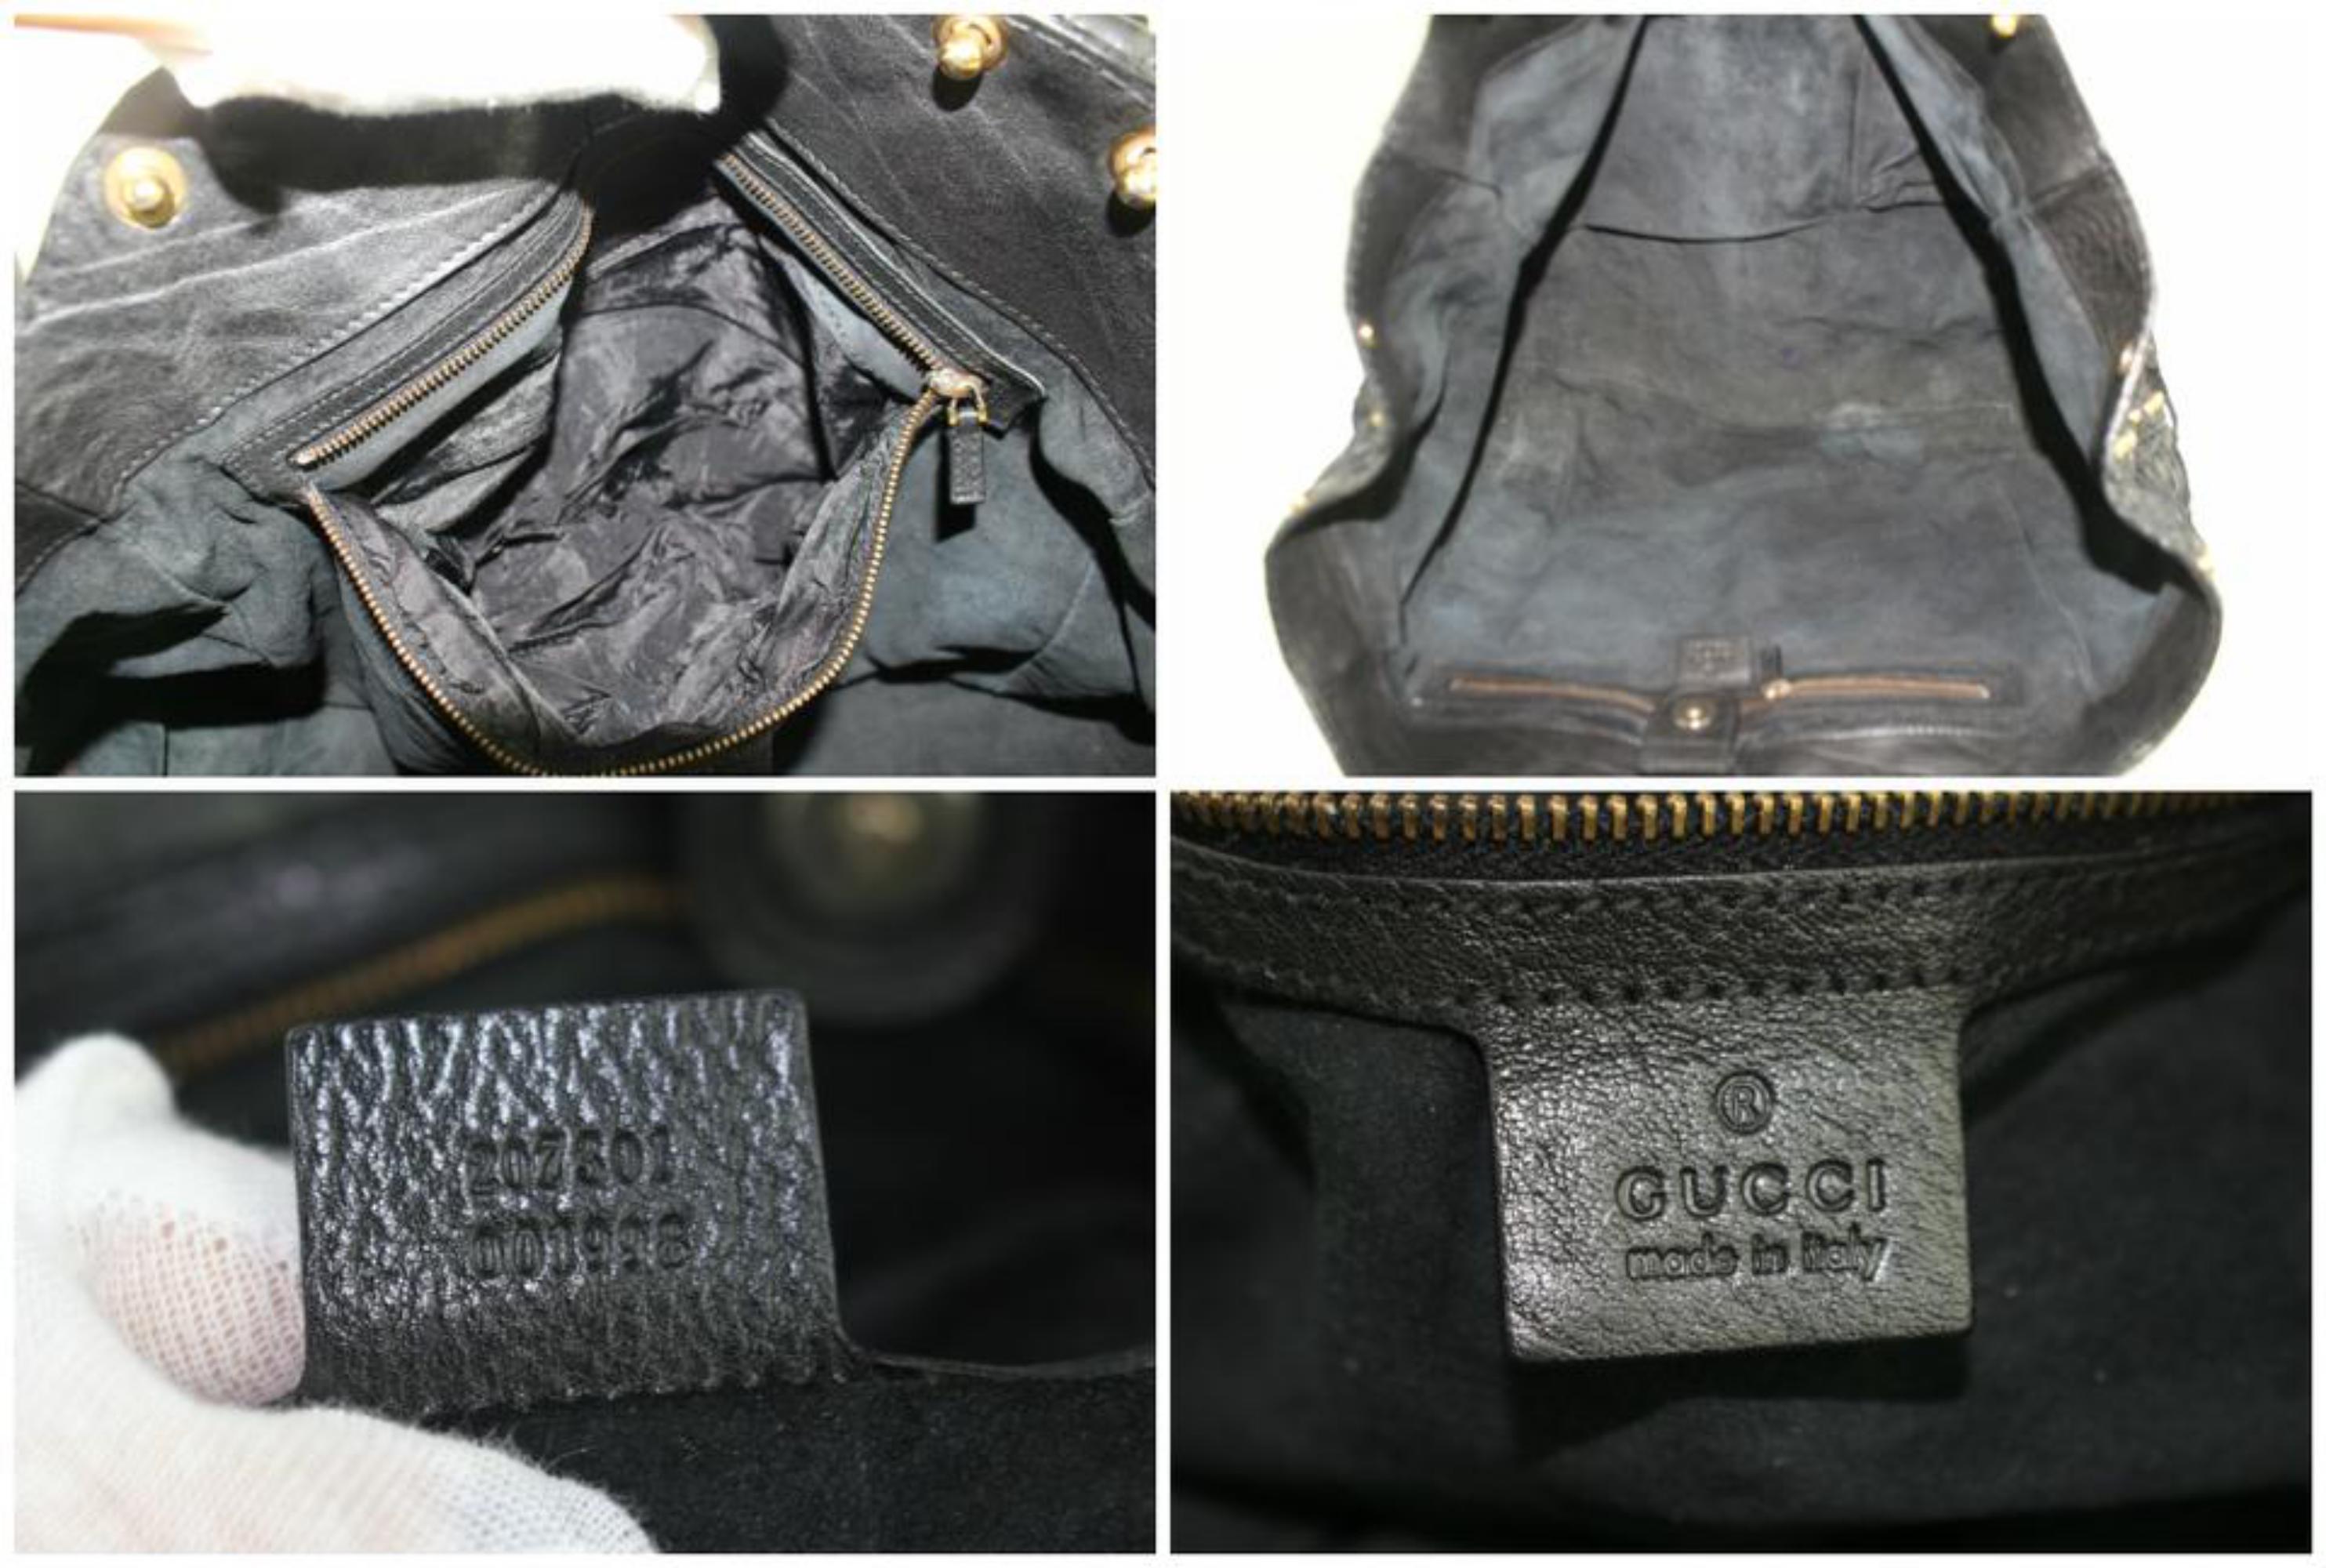 1cd6d9cef4af Gucci Suede Fringe Large Tote 5gz0911 Black Python Skin Leather Shoulder Bag  For Sale at 1stdibs